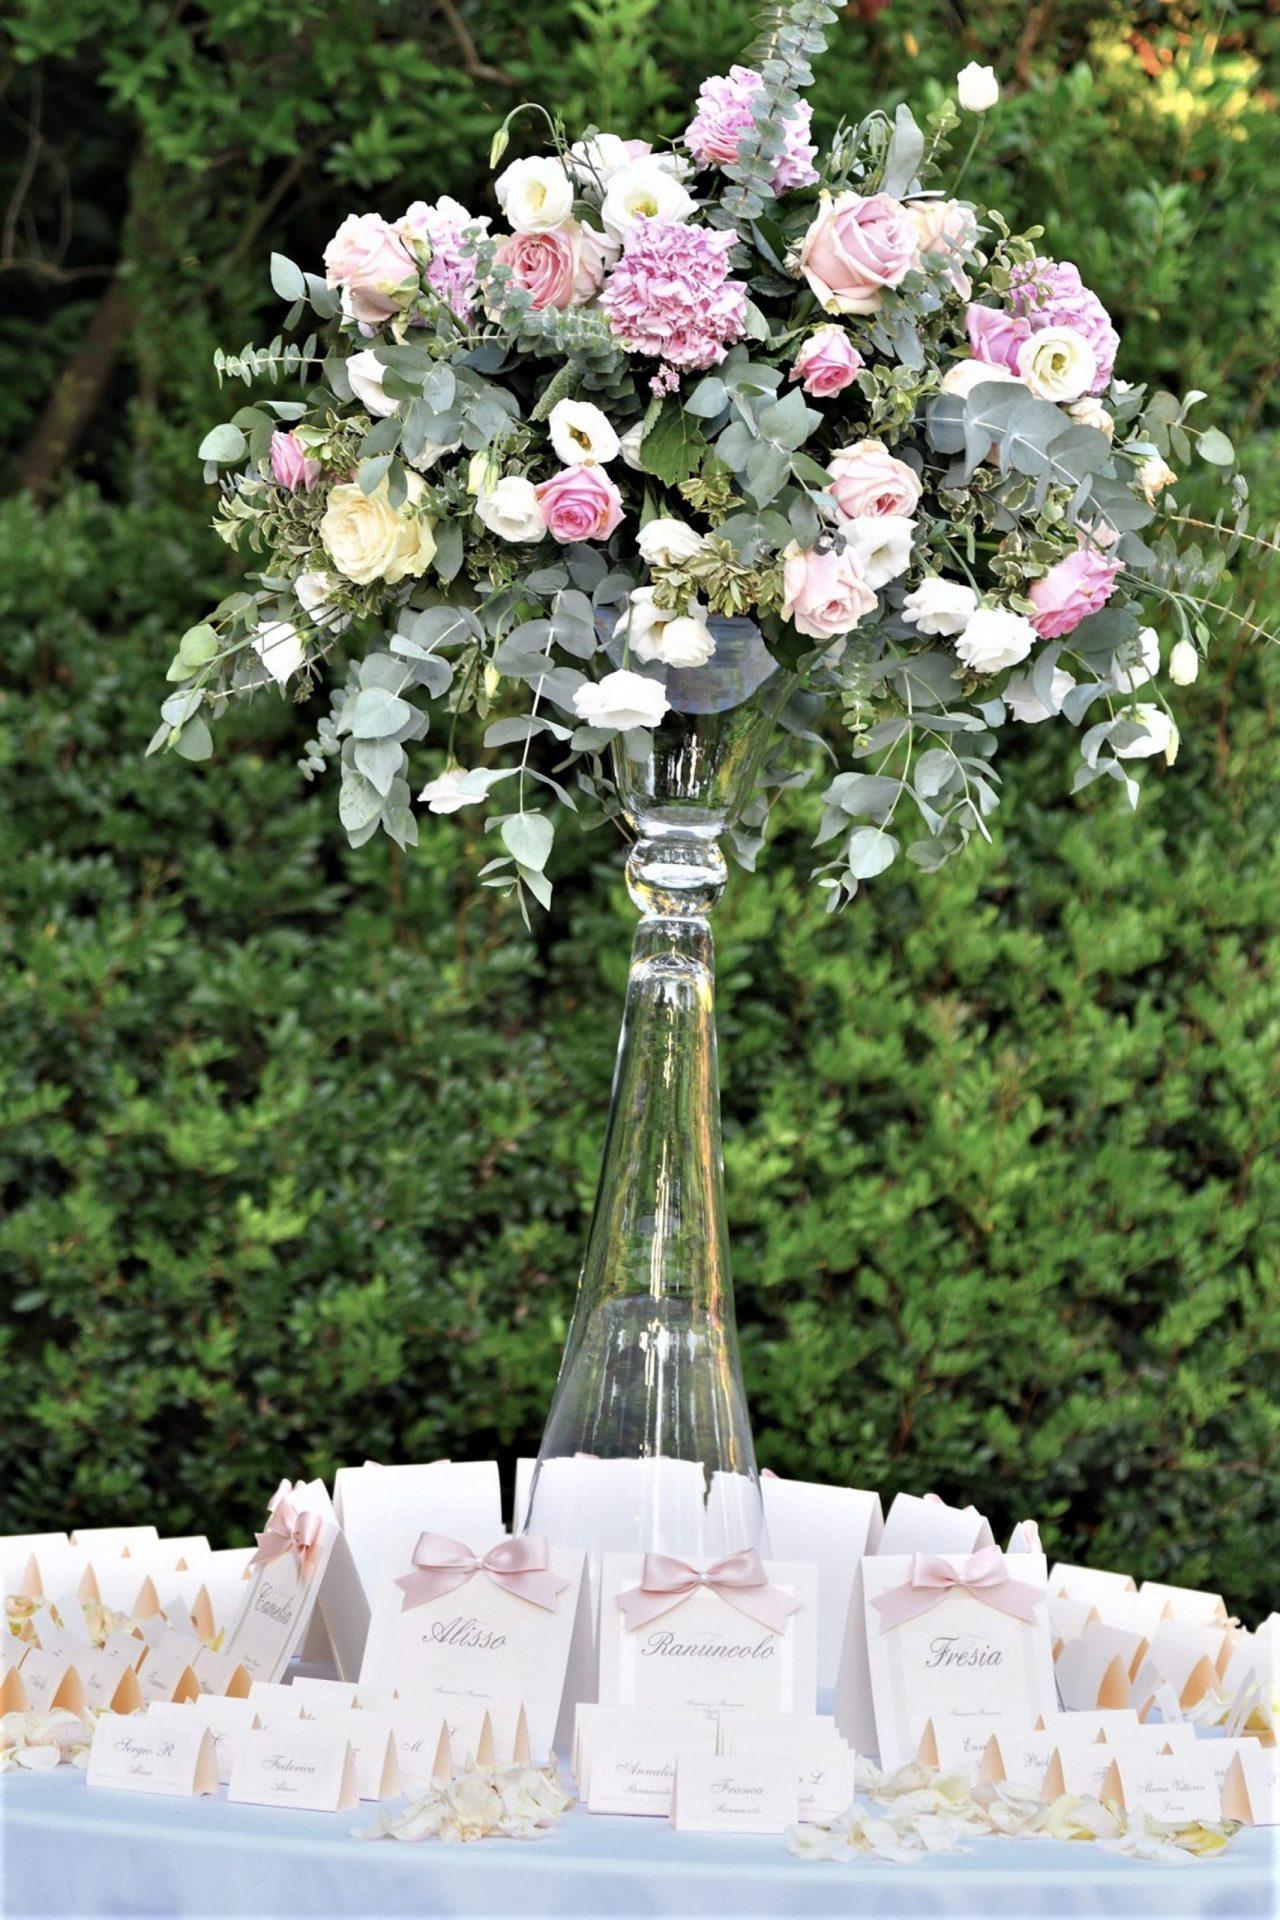 Francesca and Francesco, pastel tones flower arrangement